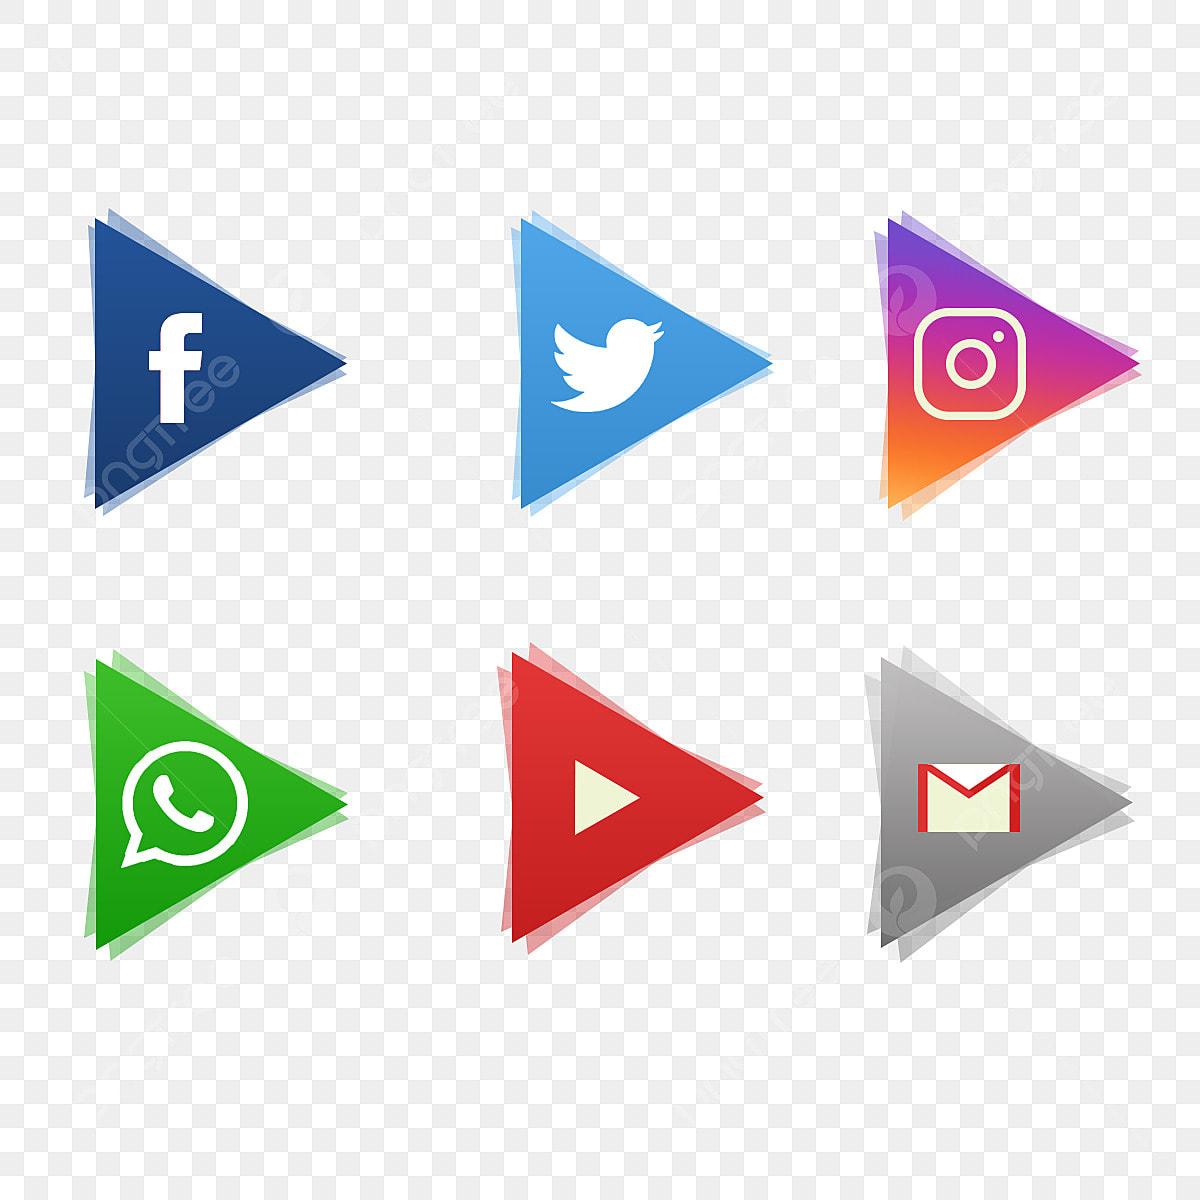 أيقونات مواقع التواصل الاجتماعي أيقونات وسائل التواصل الاجتماعي وسائل التواصل الاجتماعي شعار وسائل التواصل الاجتماعي Png وملف Psd للتحميل مجانا